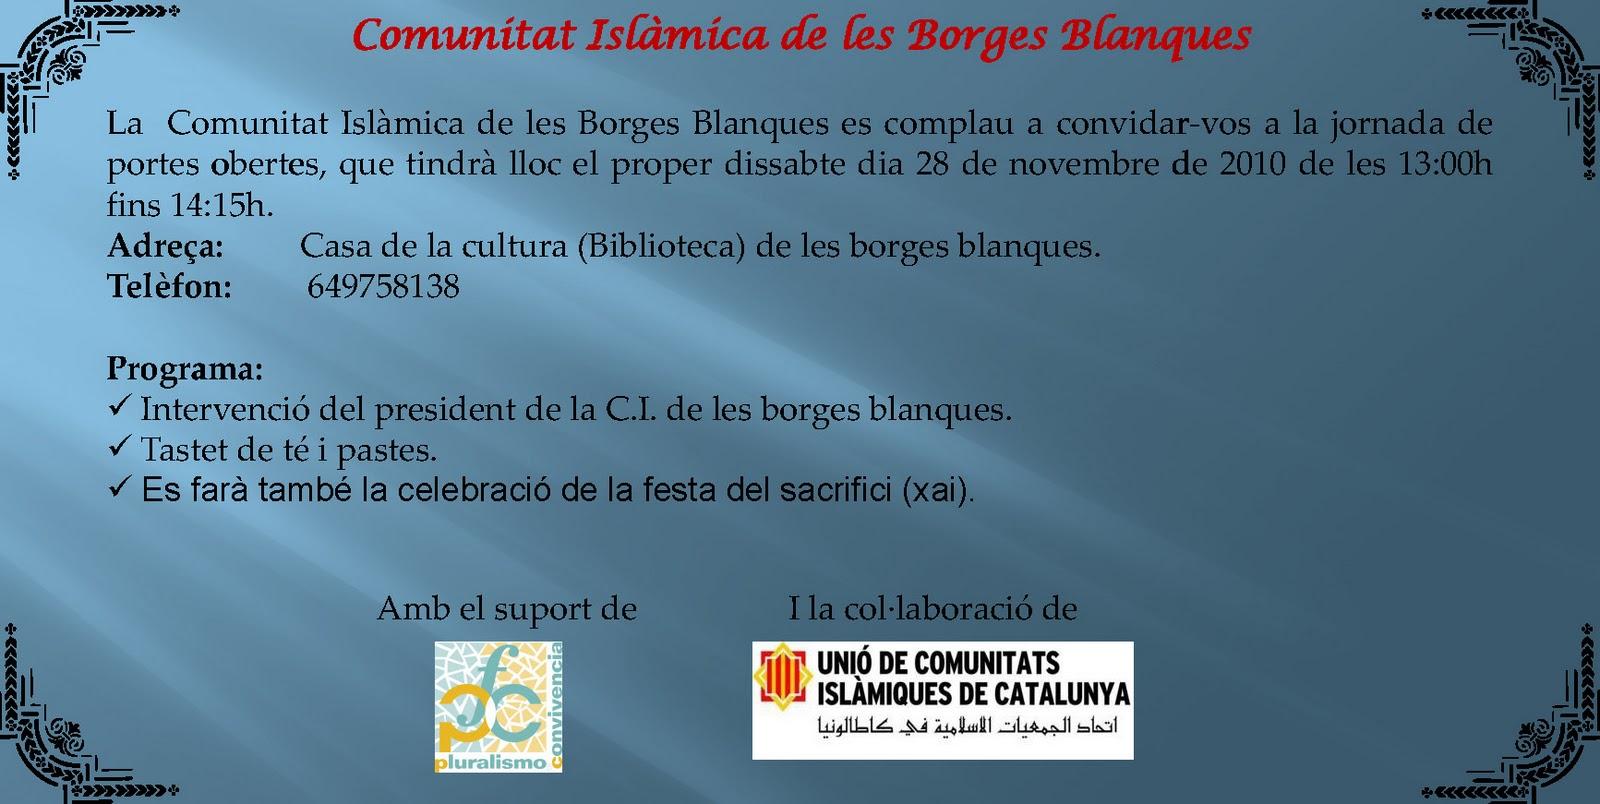 Uni de comunitats isl miques de catalunya la comunitat for El tiempo les borges blanques